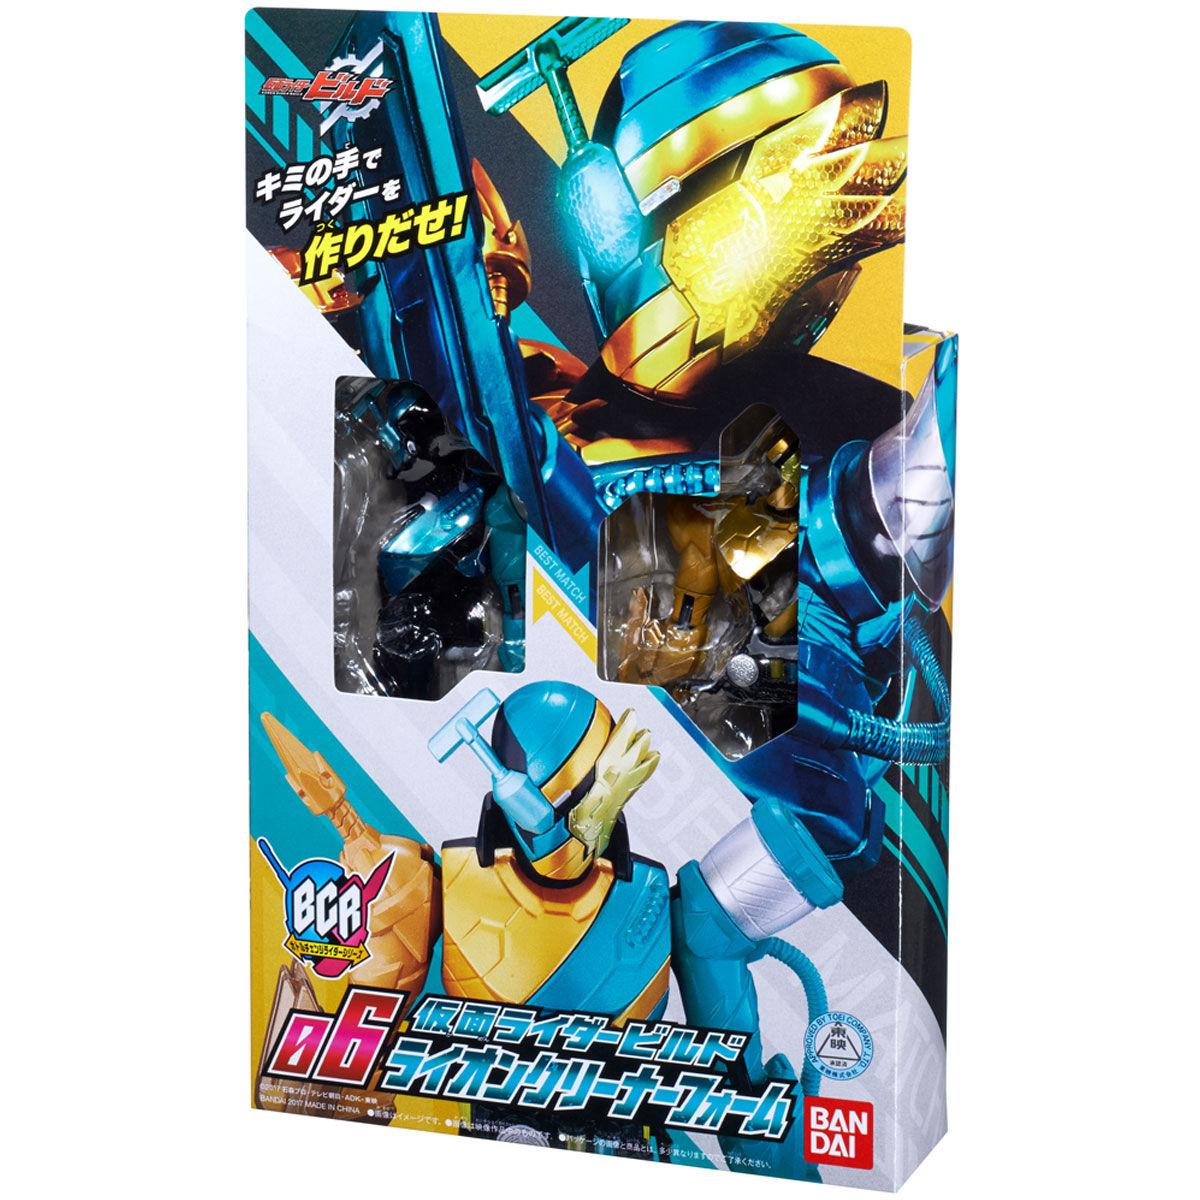 ボトルチェンジライダーシリーズ 06仮面ライダービルド ライオンクリーナーフォーム